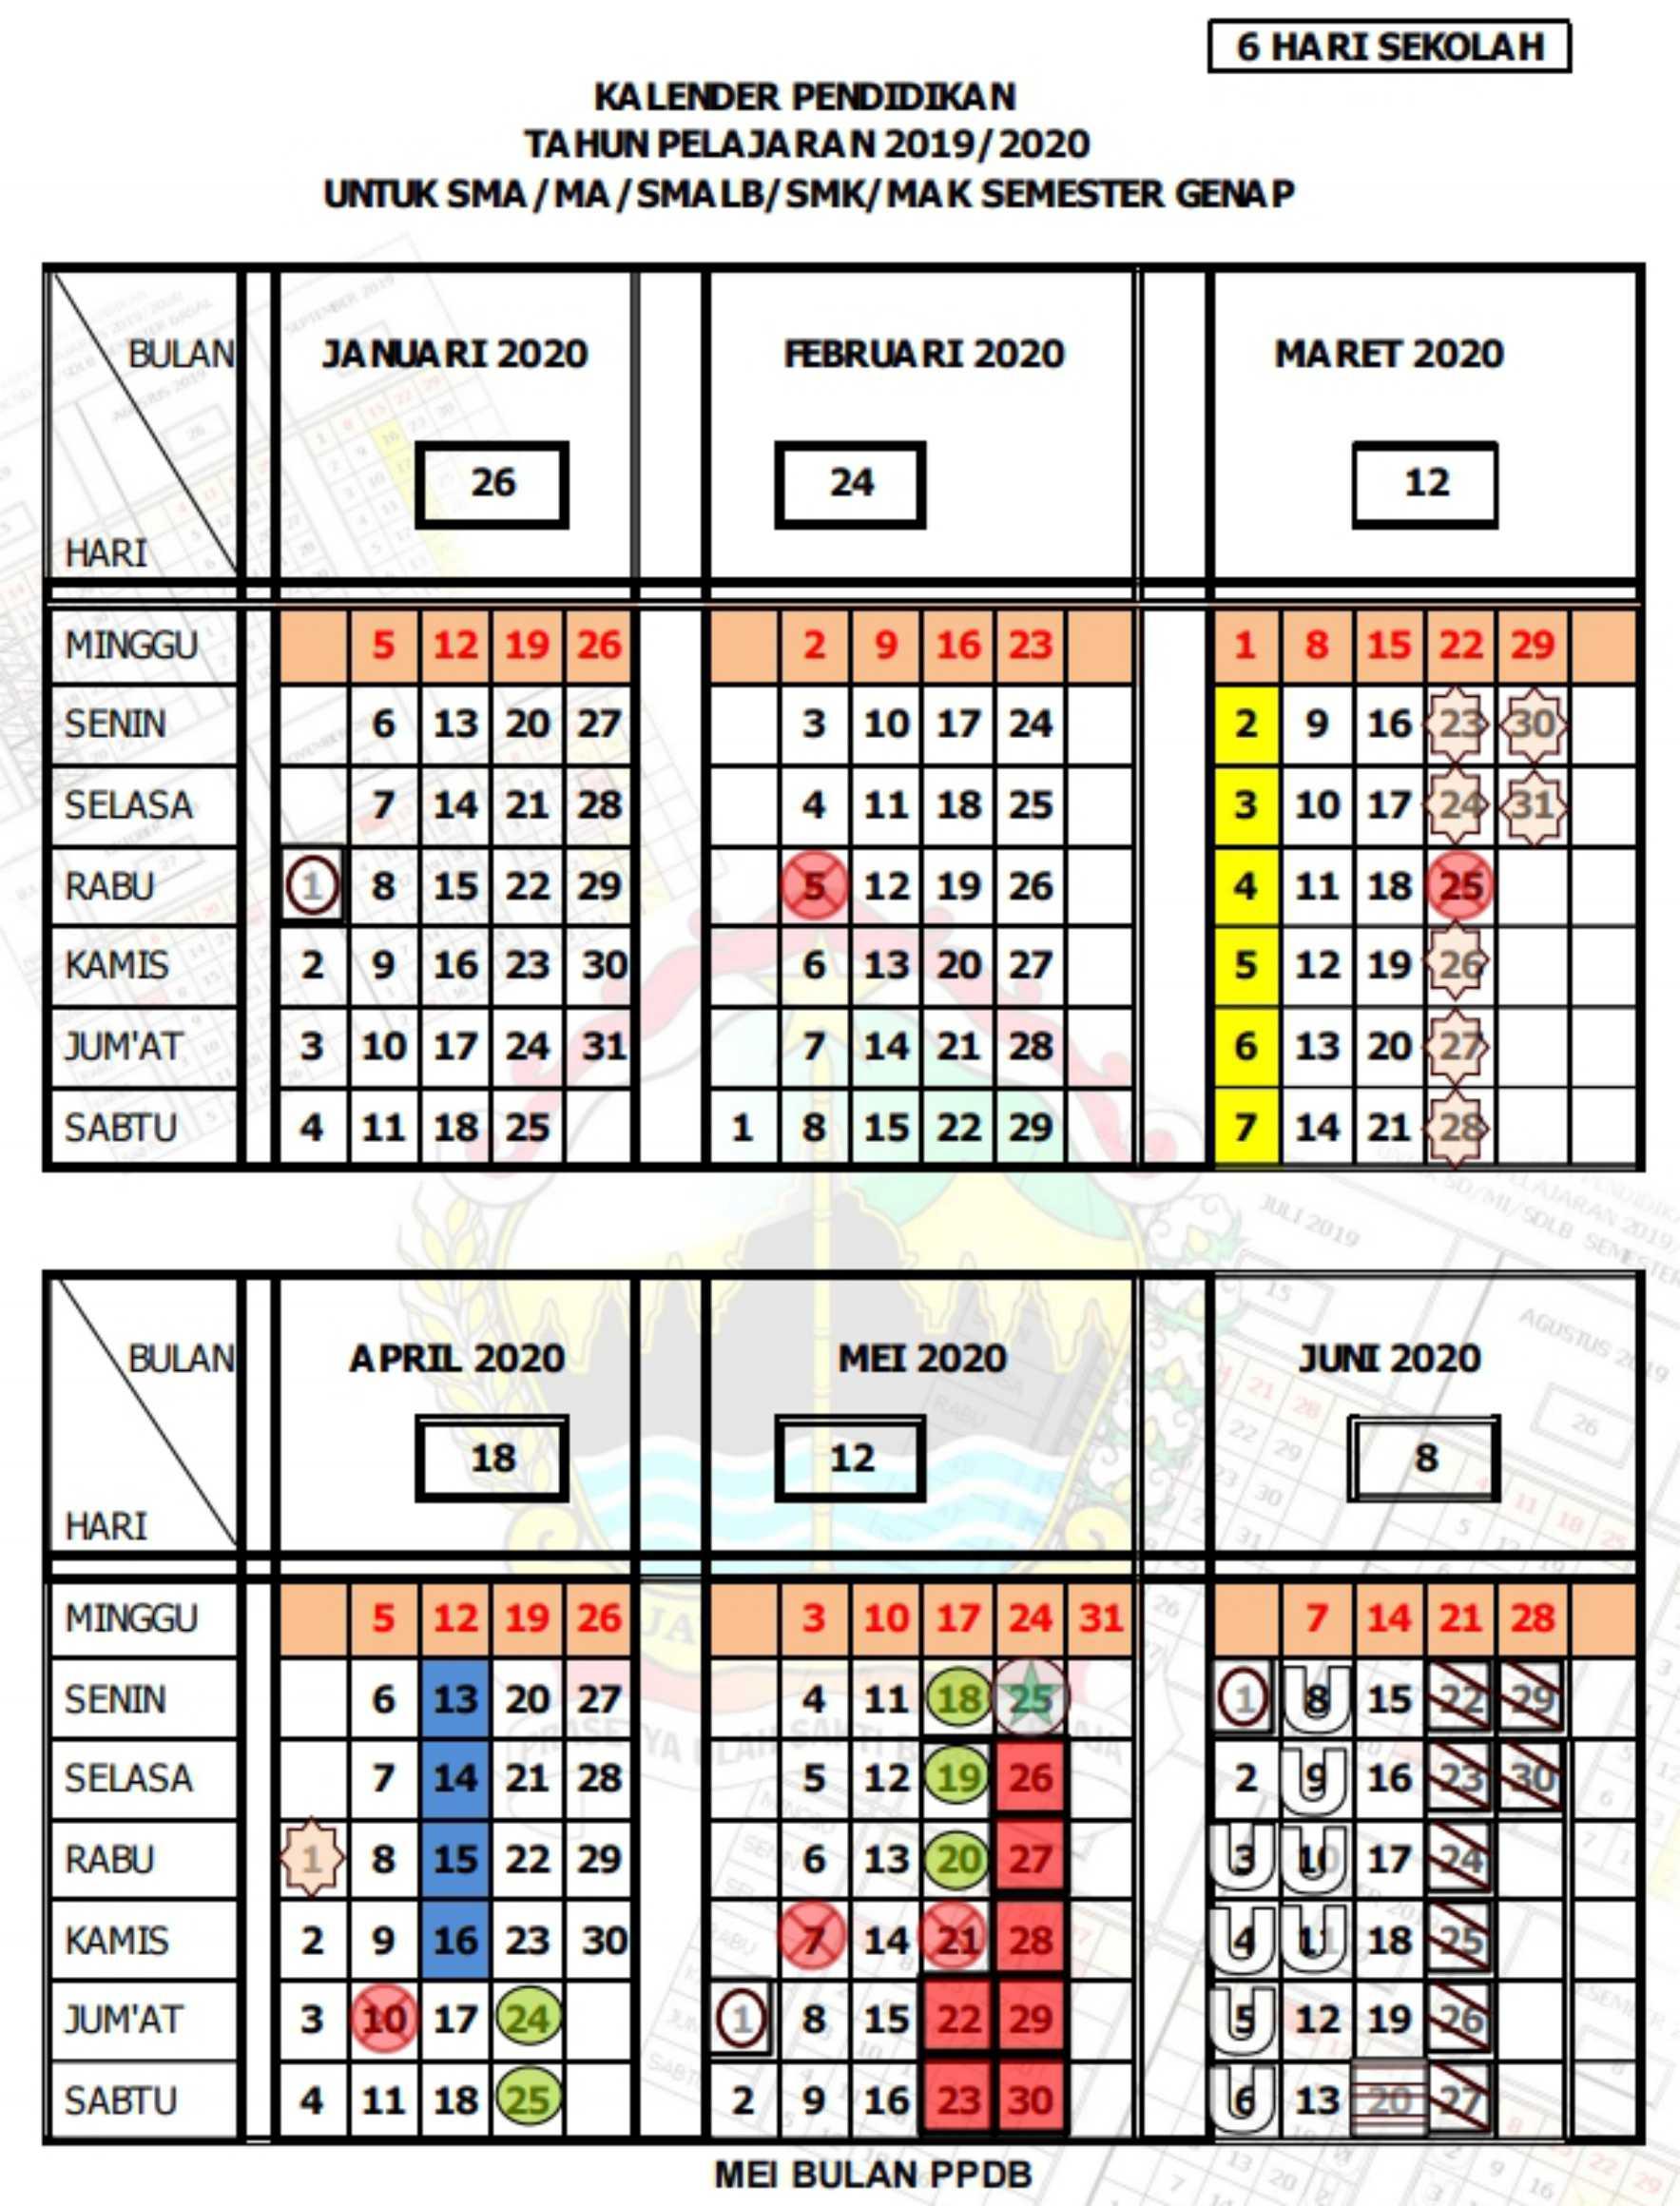 kalender pendidikan tahun pelajaran 2019 - 2020 semester genap SMA MA SMALB SMK MAK (6 hari sekolah) provinsi jawa tengah